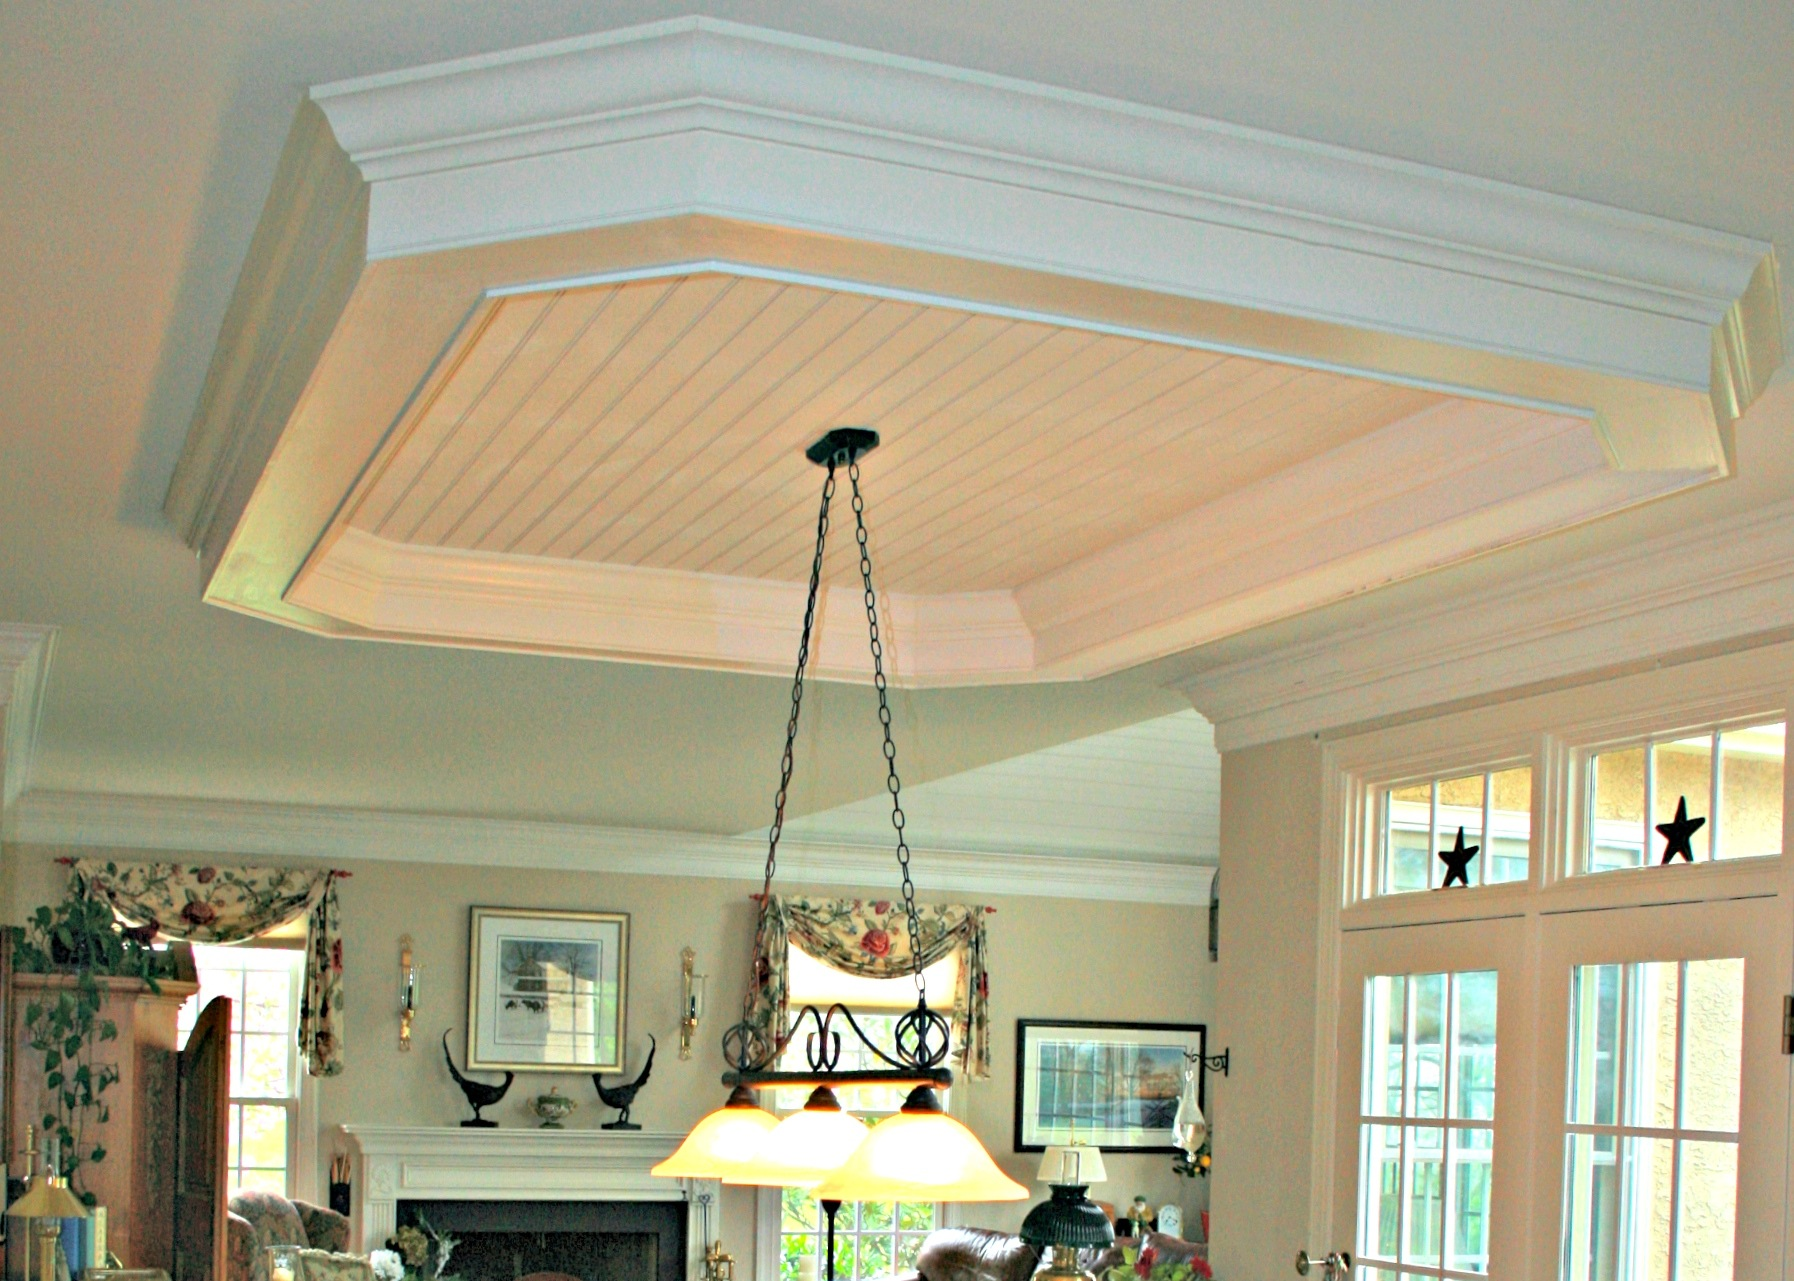 Decorative Ceilings by Deacon Home Enhancement